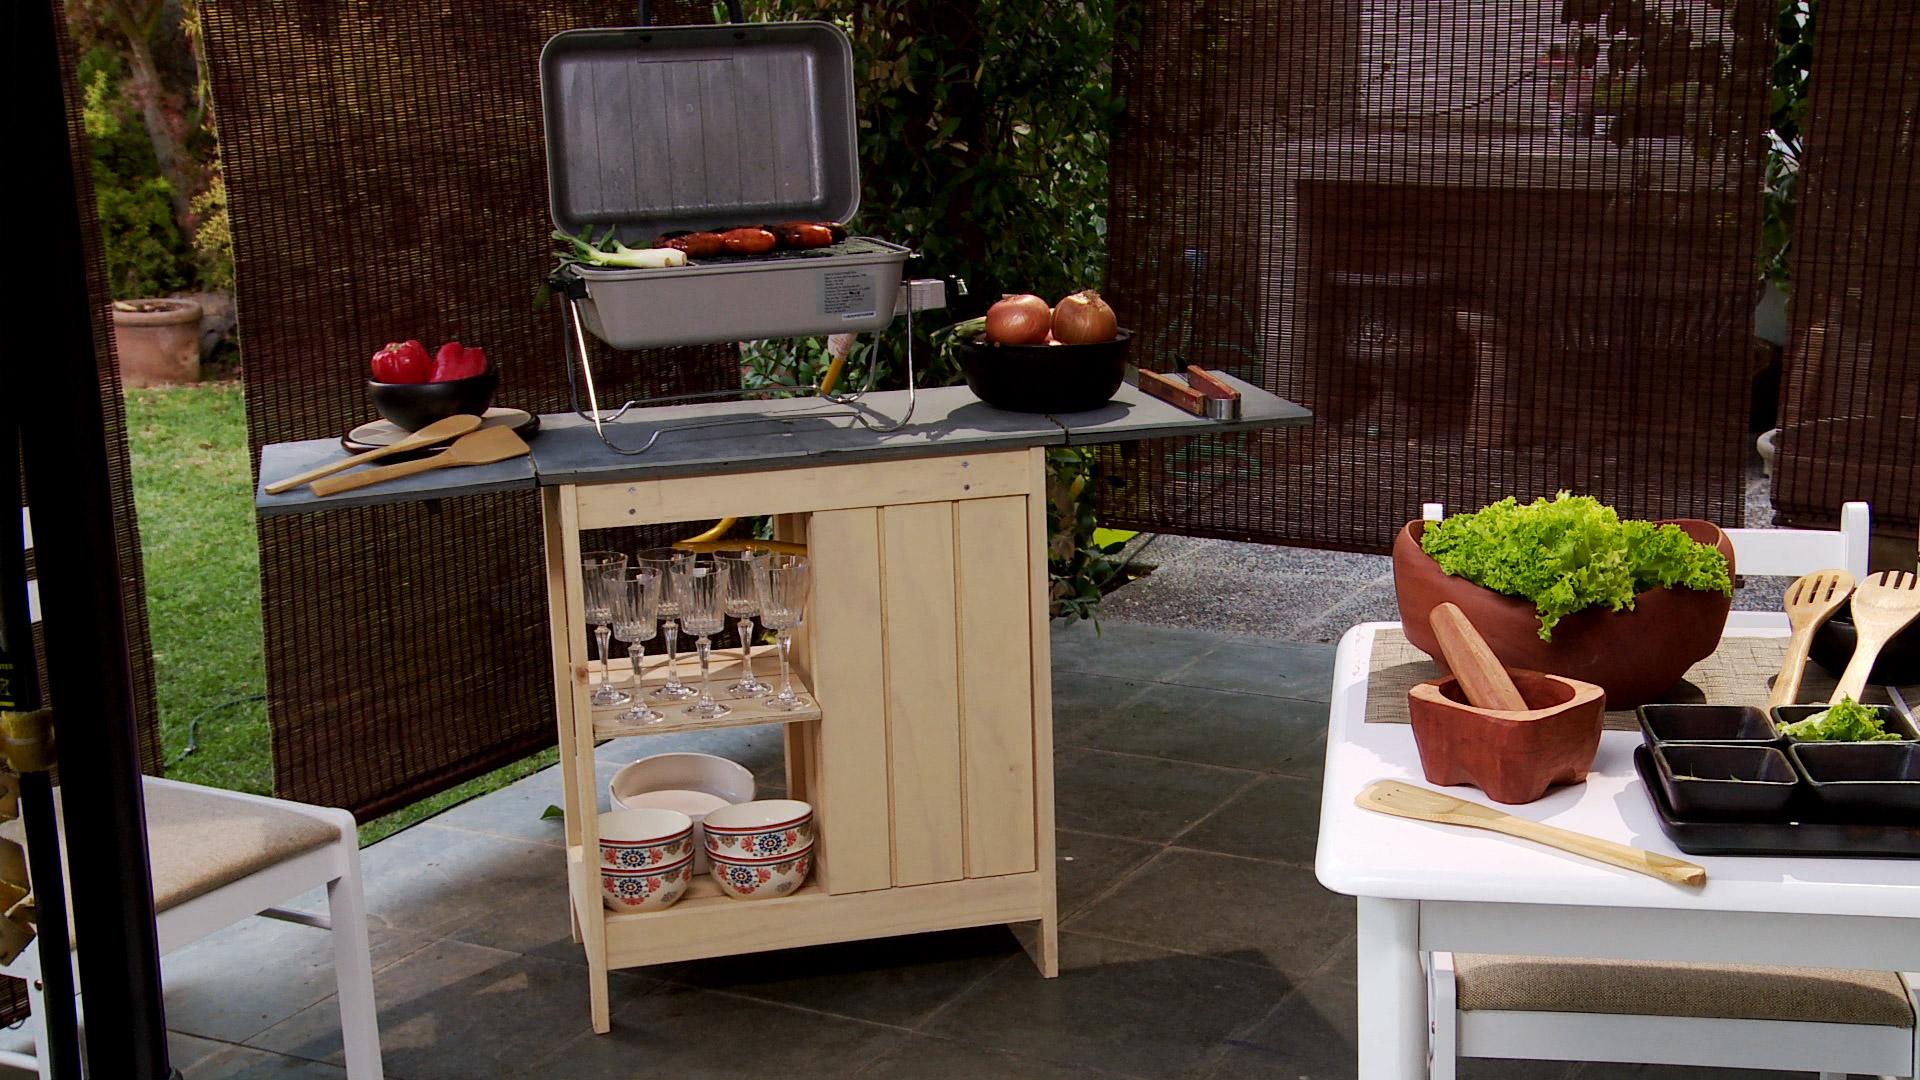 Hágalo Usted Mismo  ¿Cómo construir un centro de cocina exterior?